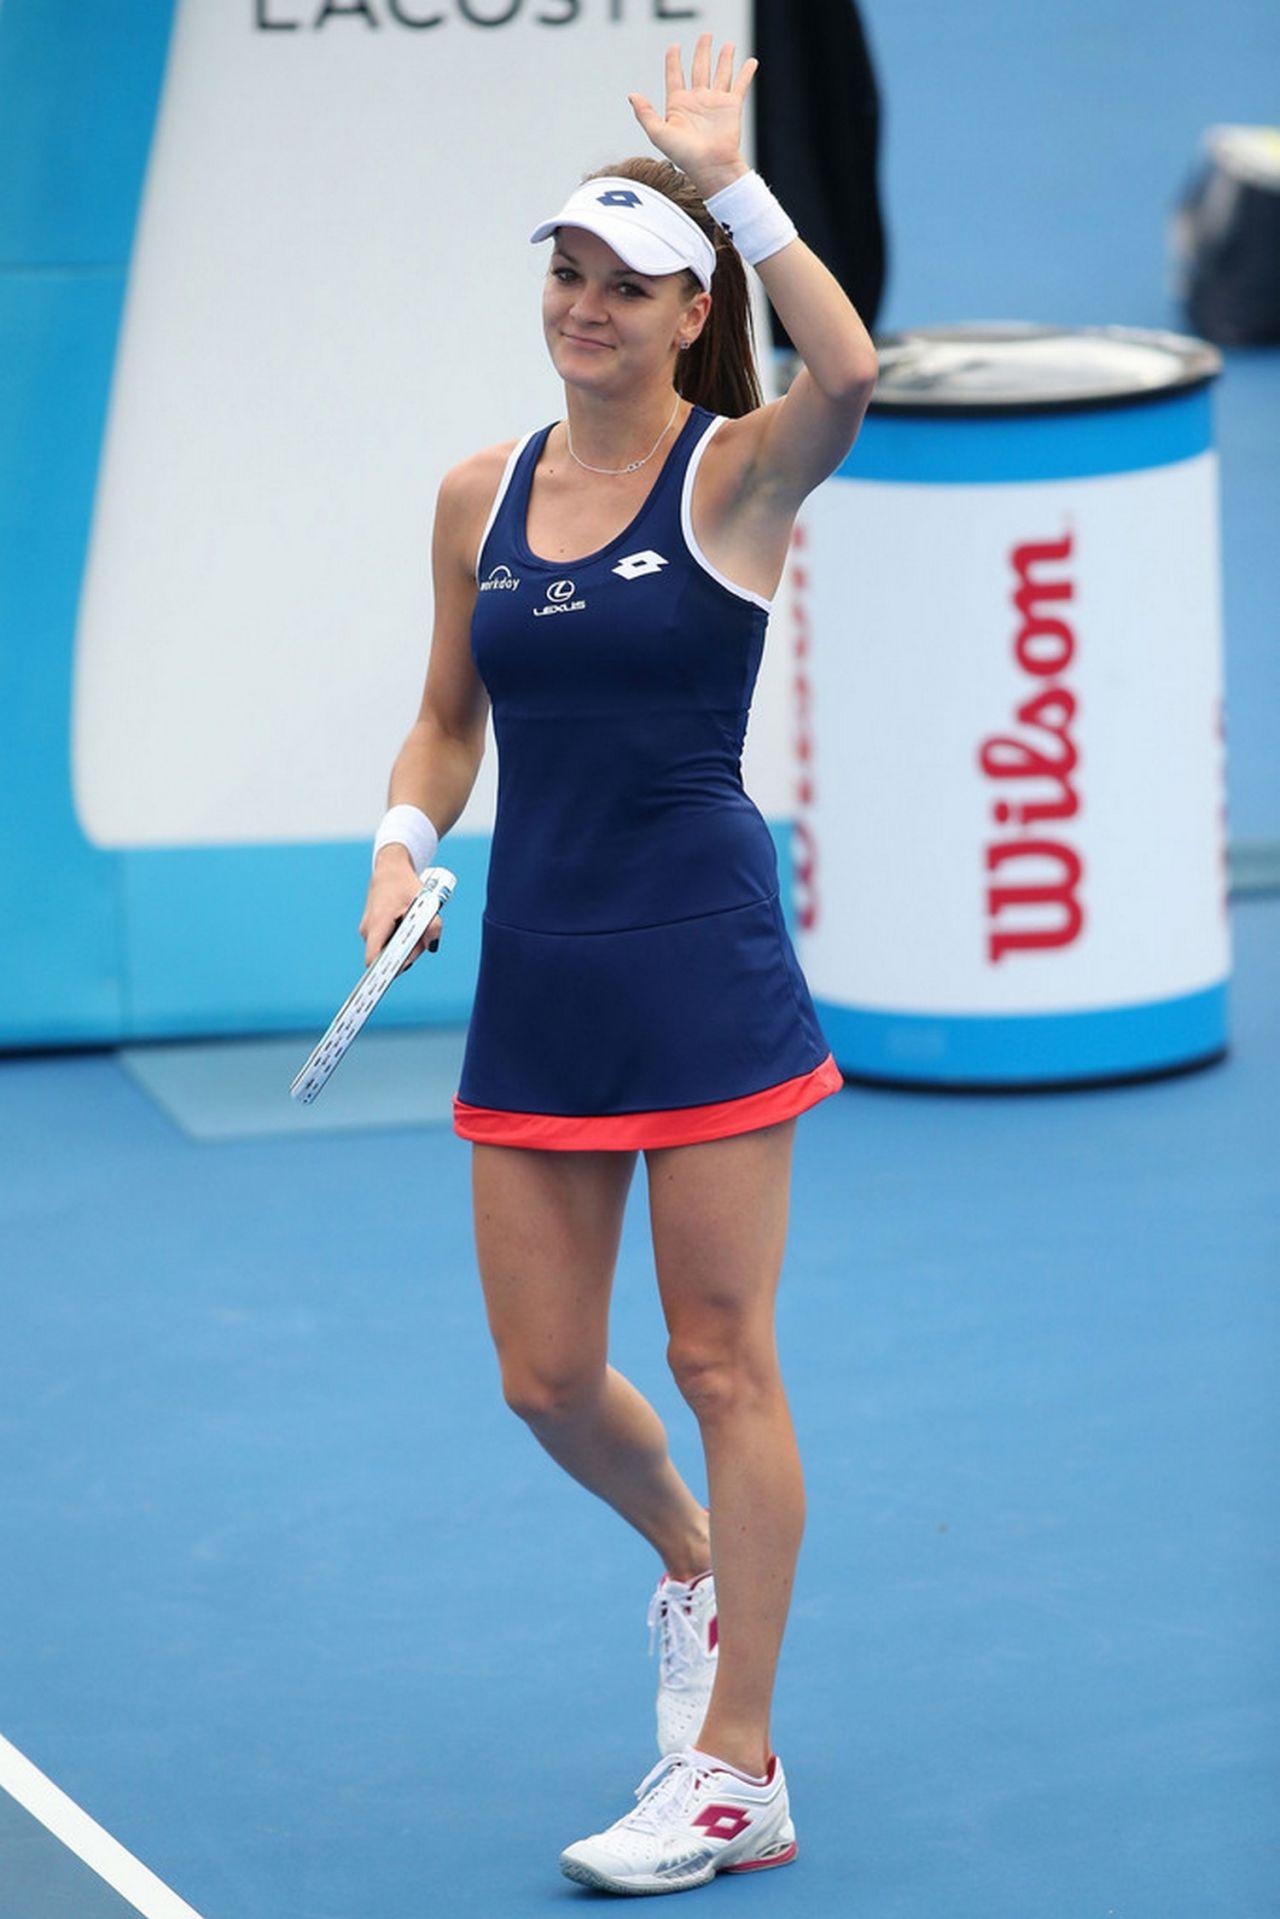 Agnieszka Radwanska – 2015 Australian Open in Melbourne – Round 1